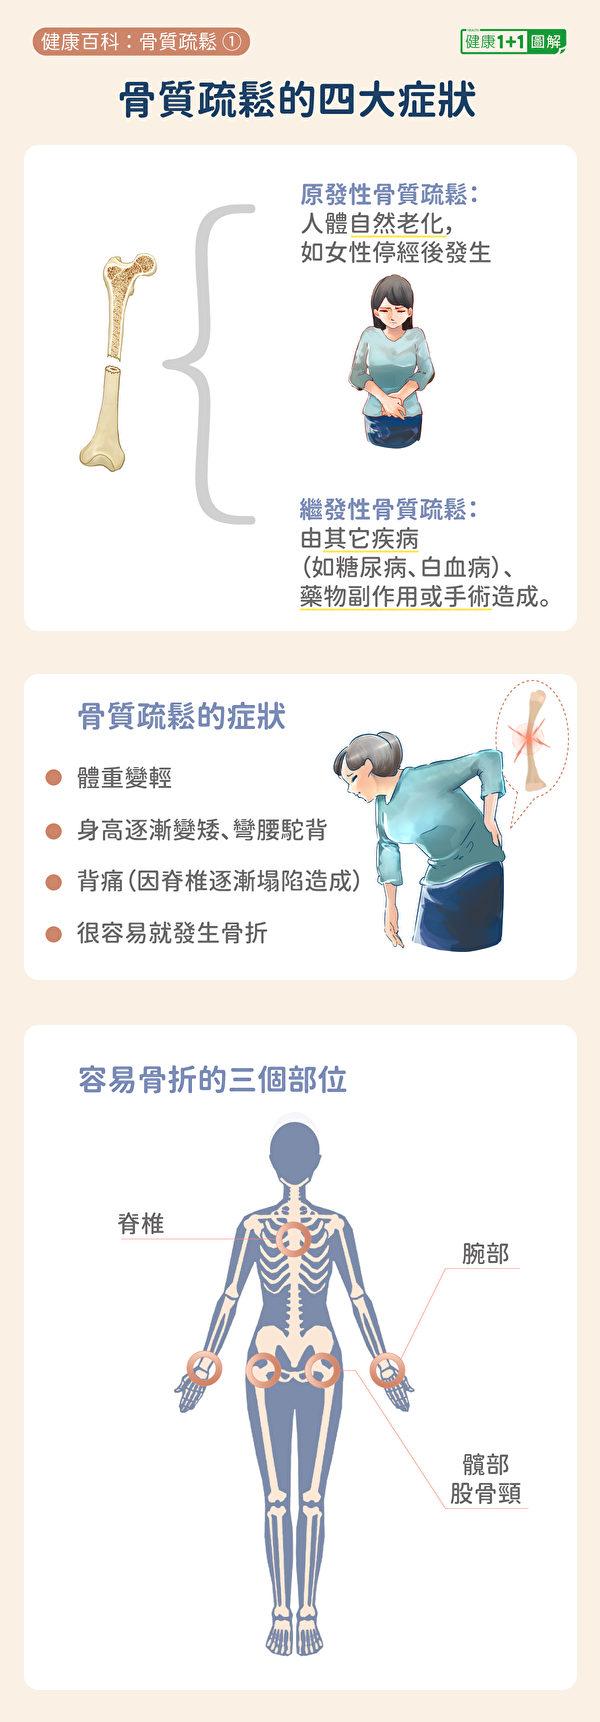 骨质疏松症的症状及容易骨折的部位。(健康1+1/大纪元)